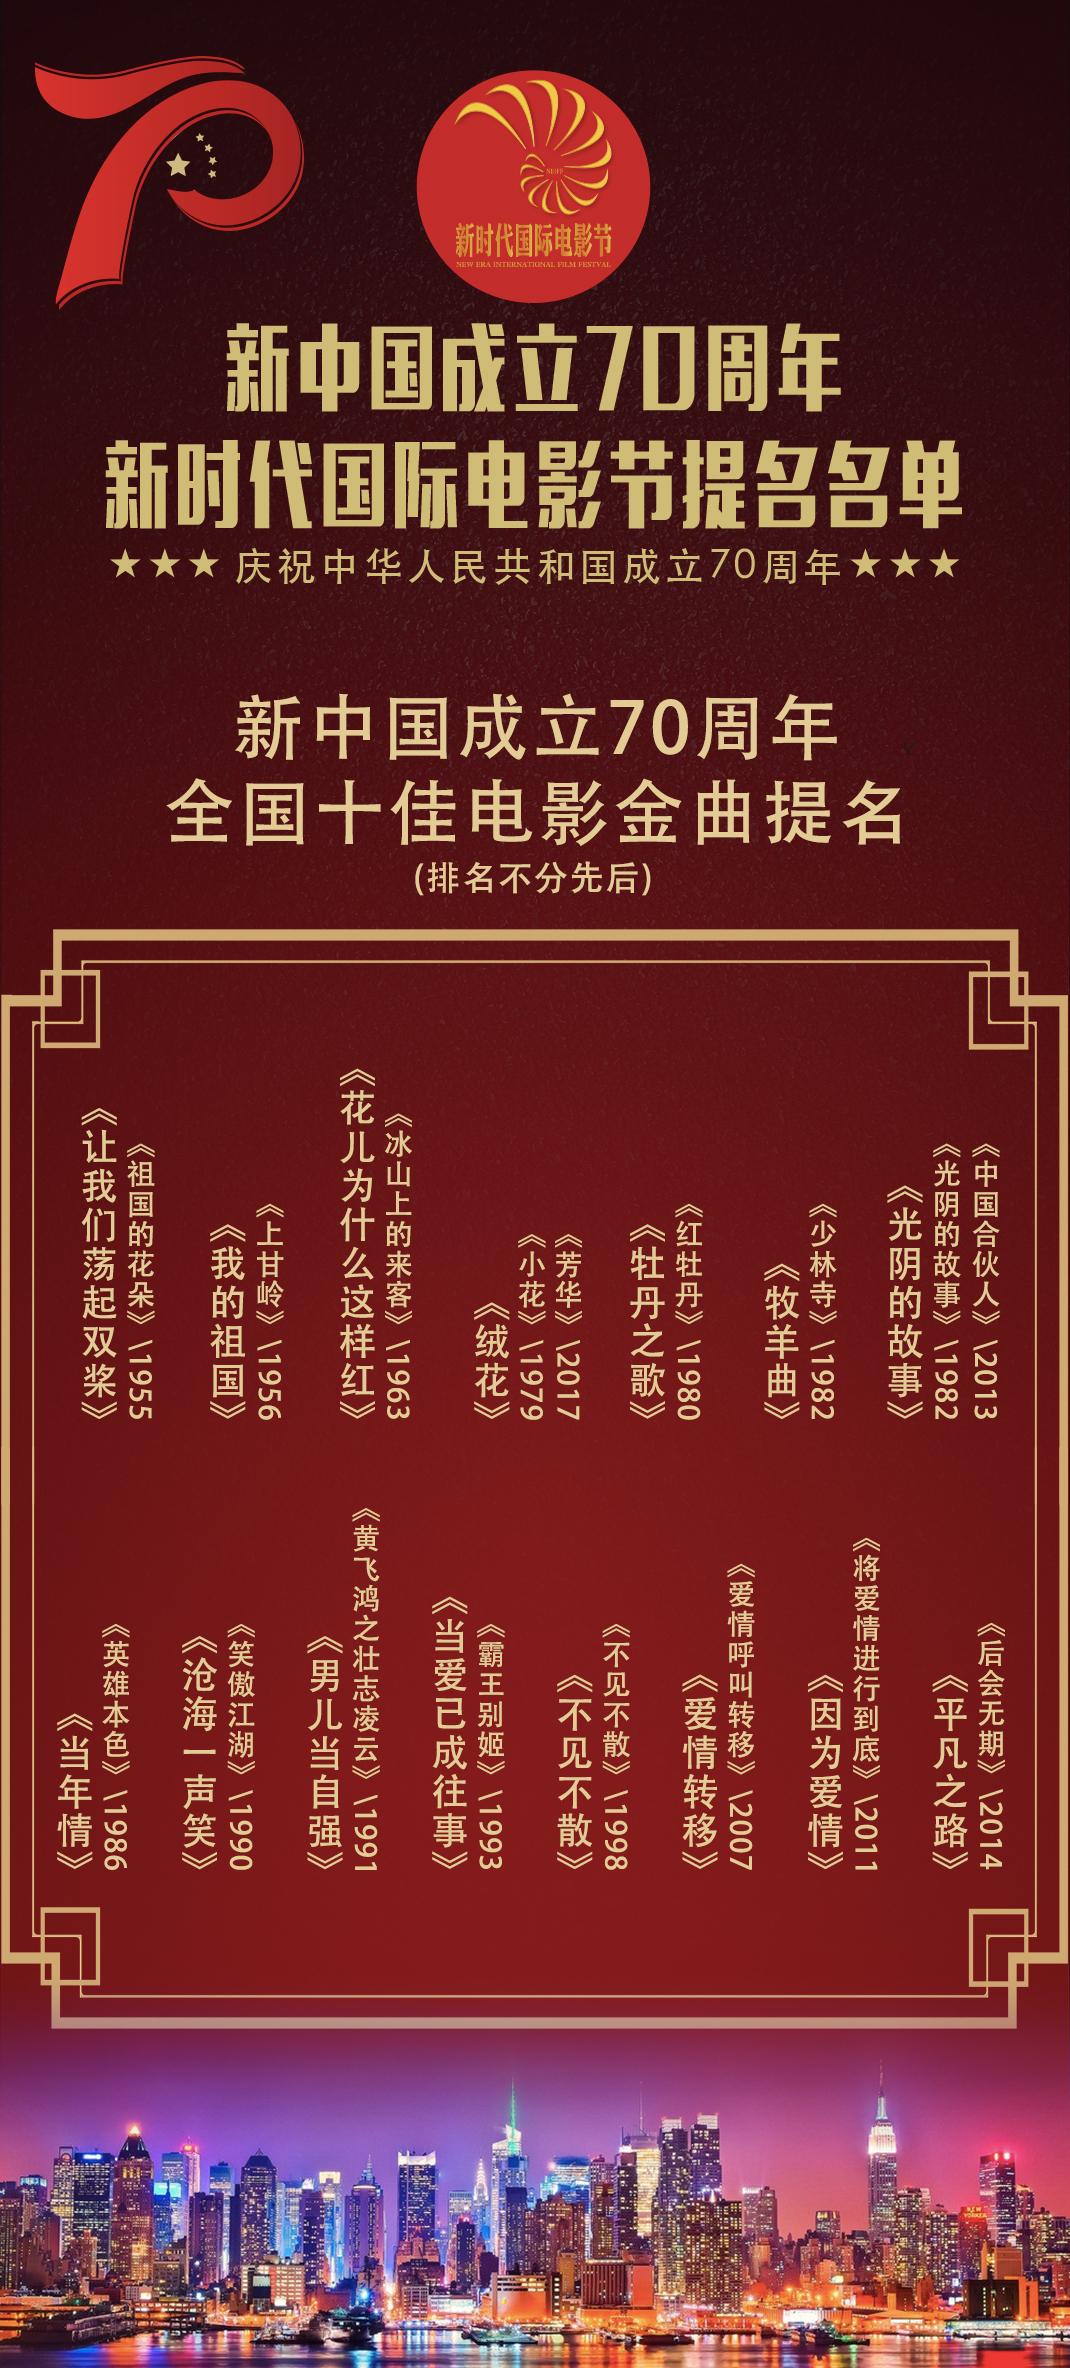 新时代国际电影节全国十佳电影金曲提名《绒花》《平凡之路》入围